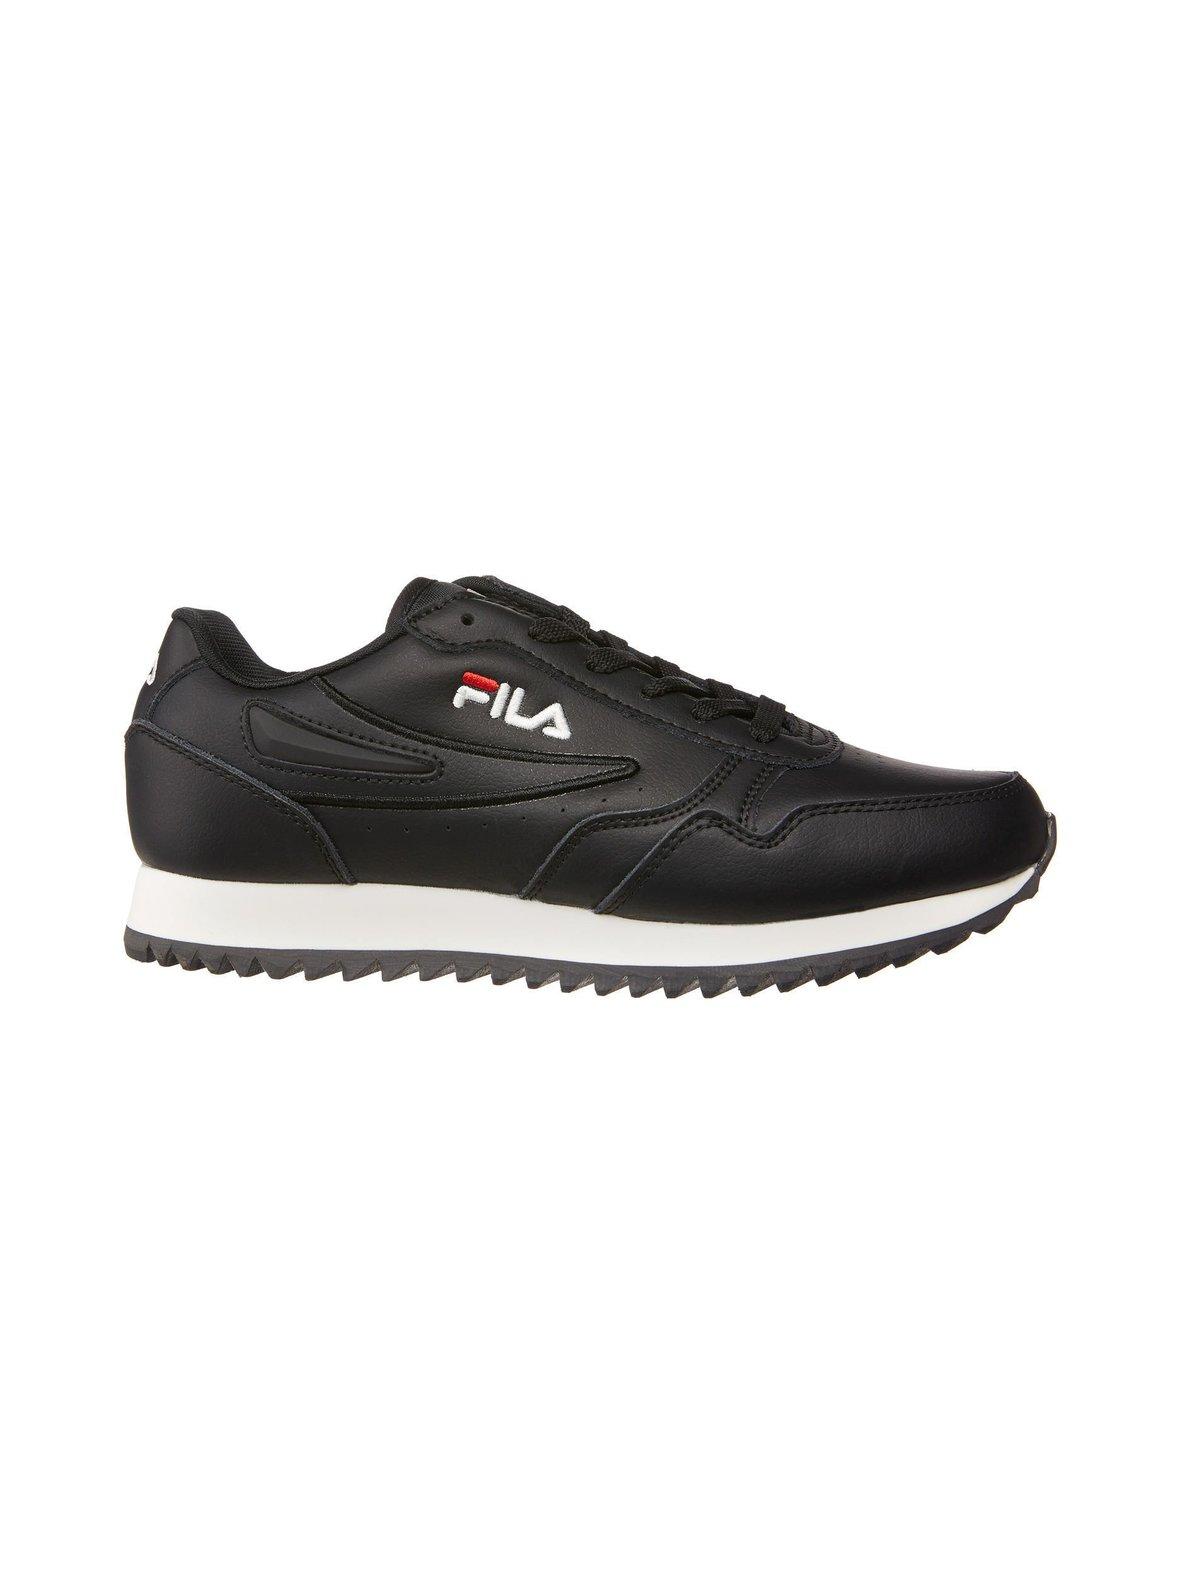 lisää valokuvia verkkokauppa kengät halvalla M Orbit Jogger Ripple -nahkasneakerit